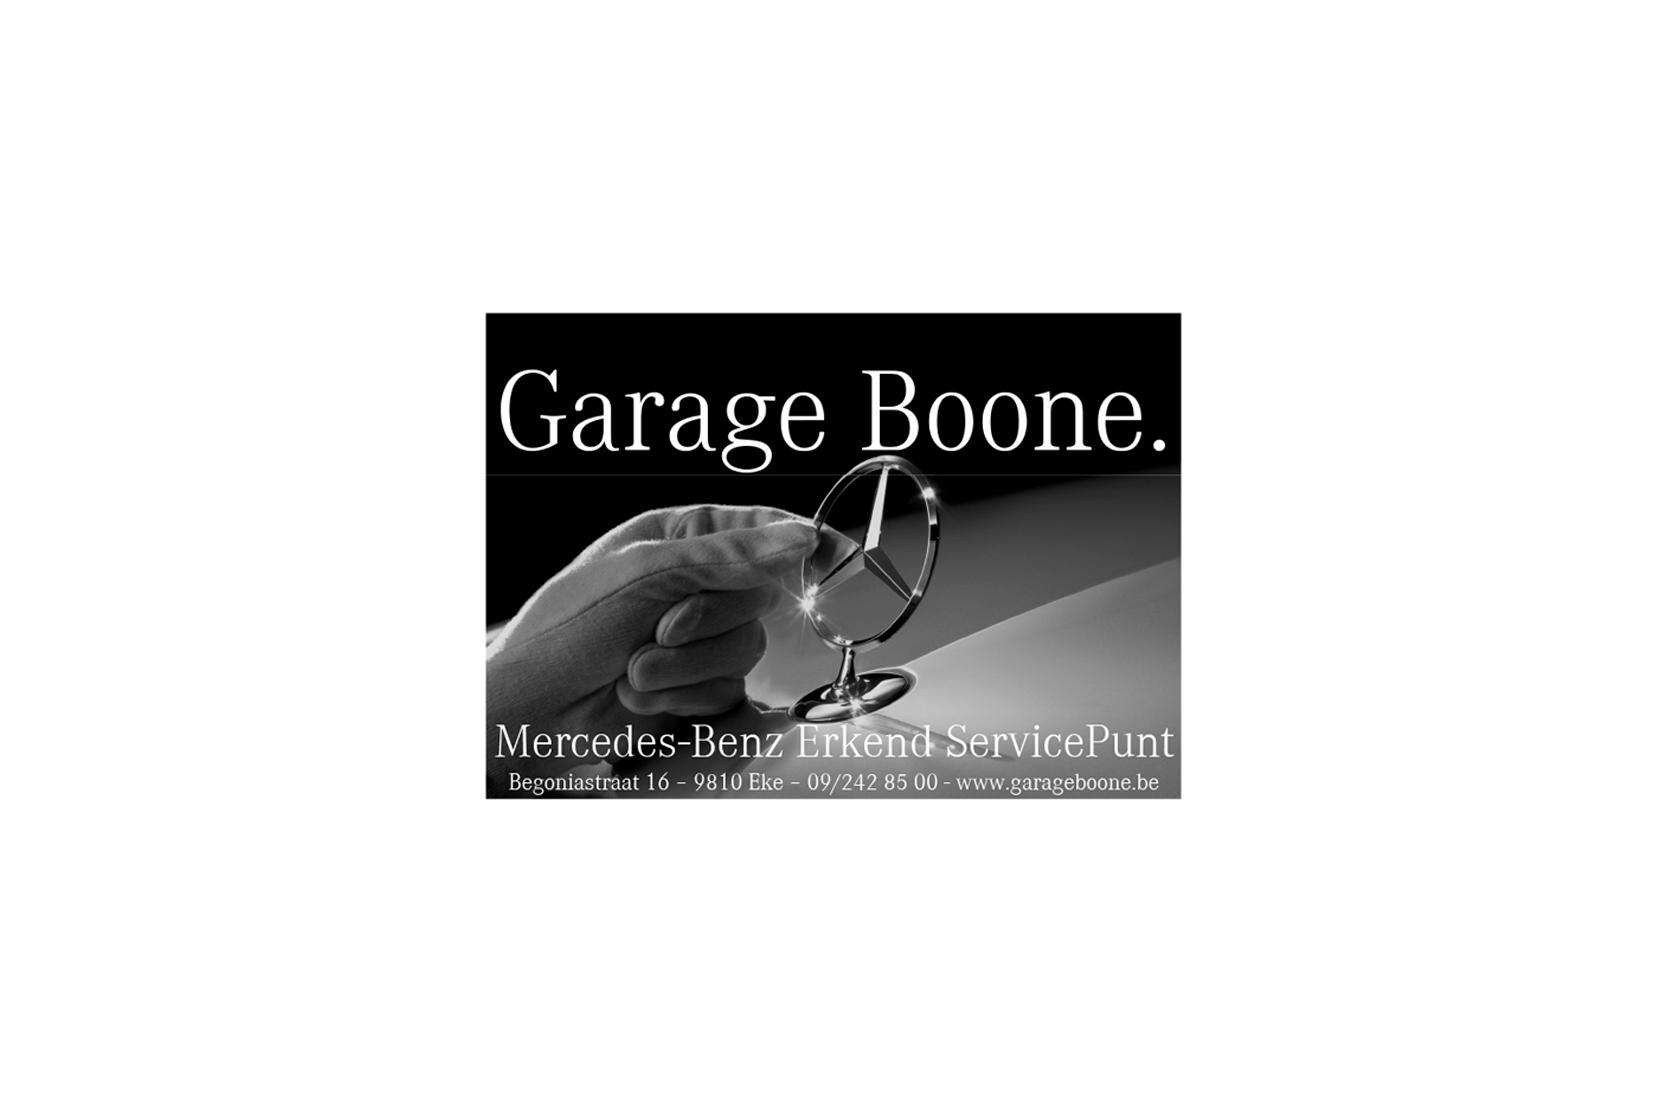 Garage Boone